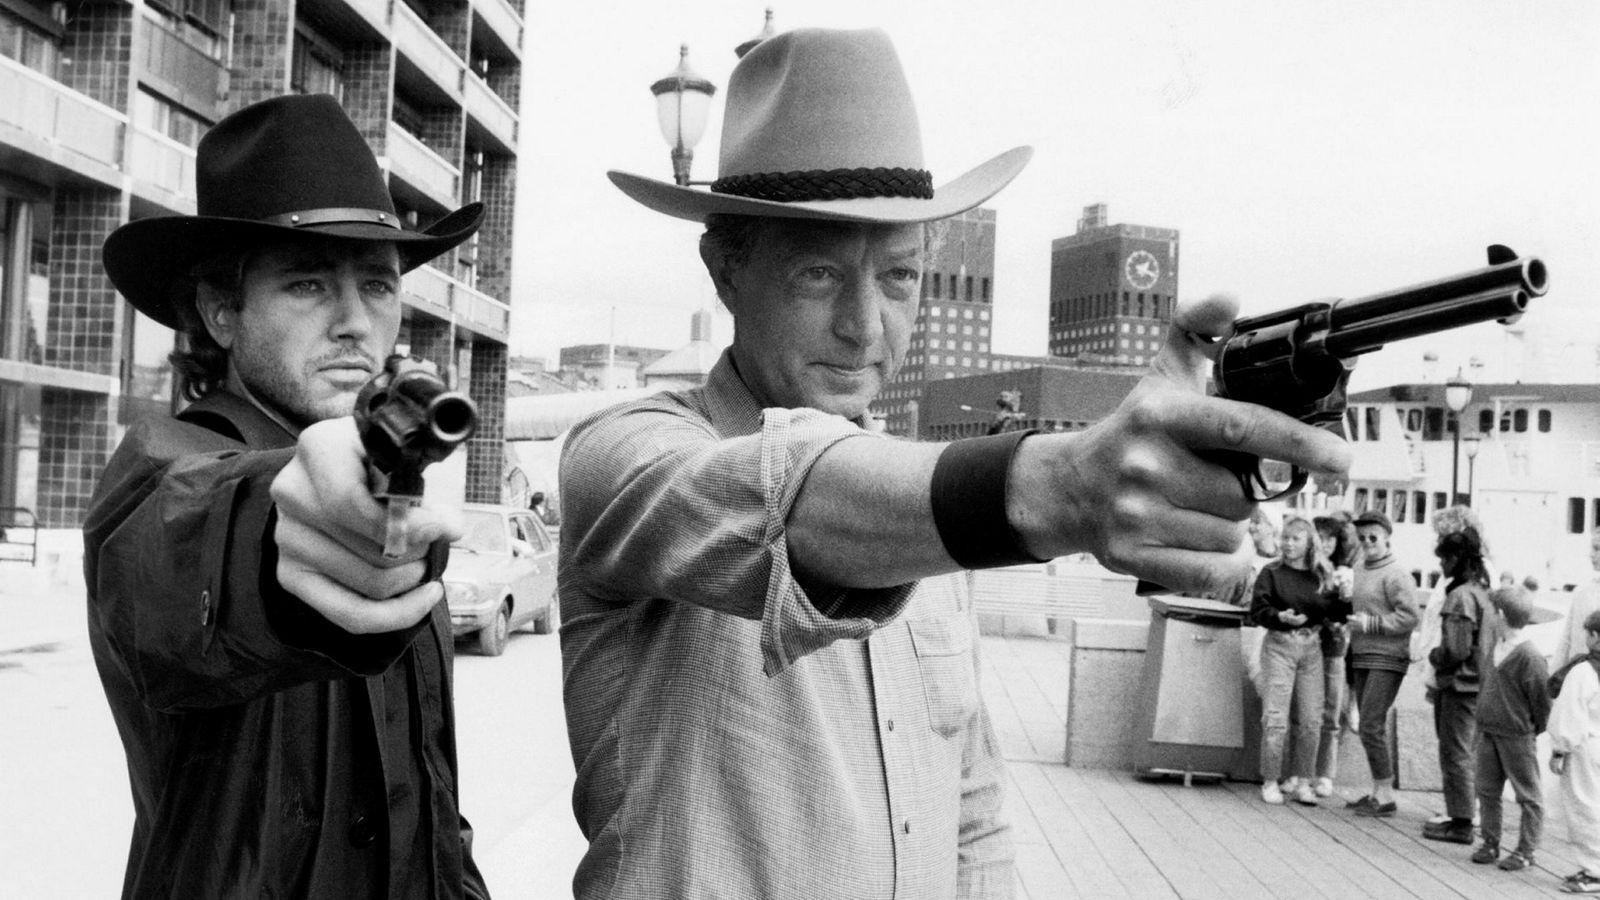 Morgan Kane-forfatteren Kjell Hallbing (til høyre), sammen med skuespilleren Jim Youngs som skulle spille Morgan Kane i 1987. Helt siden slutten av 80-tallet har det blitt gjort forsøk på å filmatisere bøkene. Så langt er resultatet en rett-på-VHS-flopp i 2001 og en musikkvideo med Kjetil Rolness og Ari Behn i 2009.